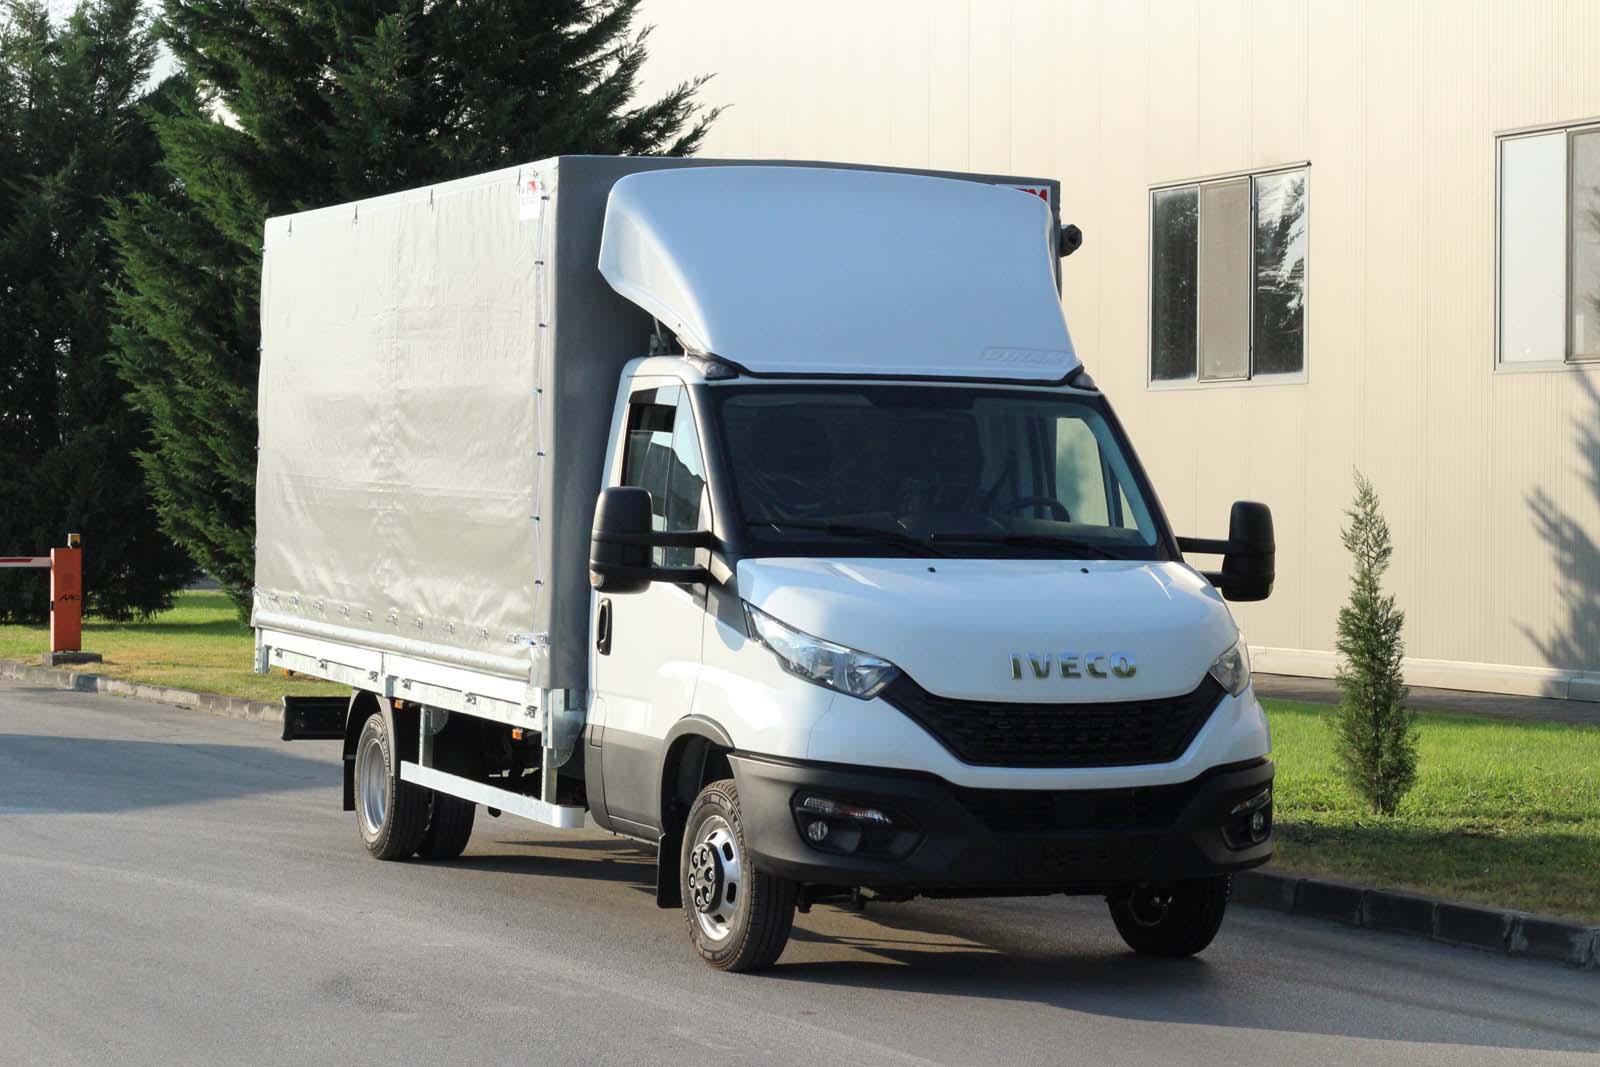 burgas-truck-service-upgrades-7